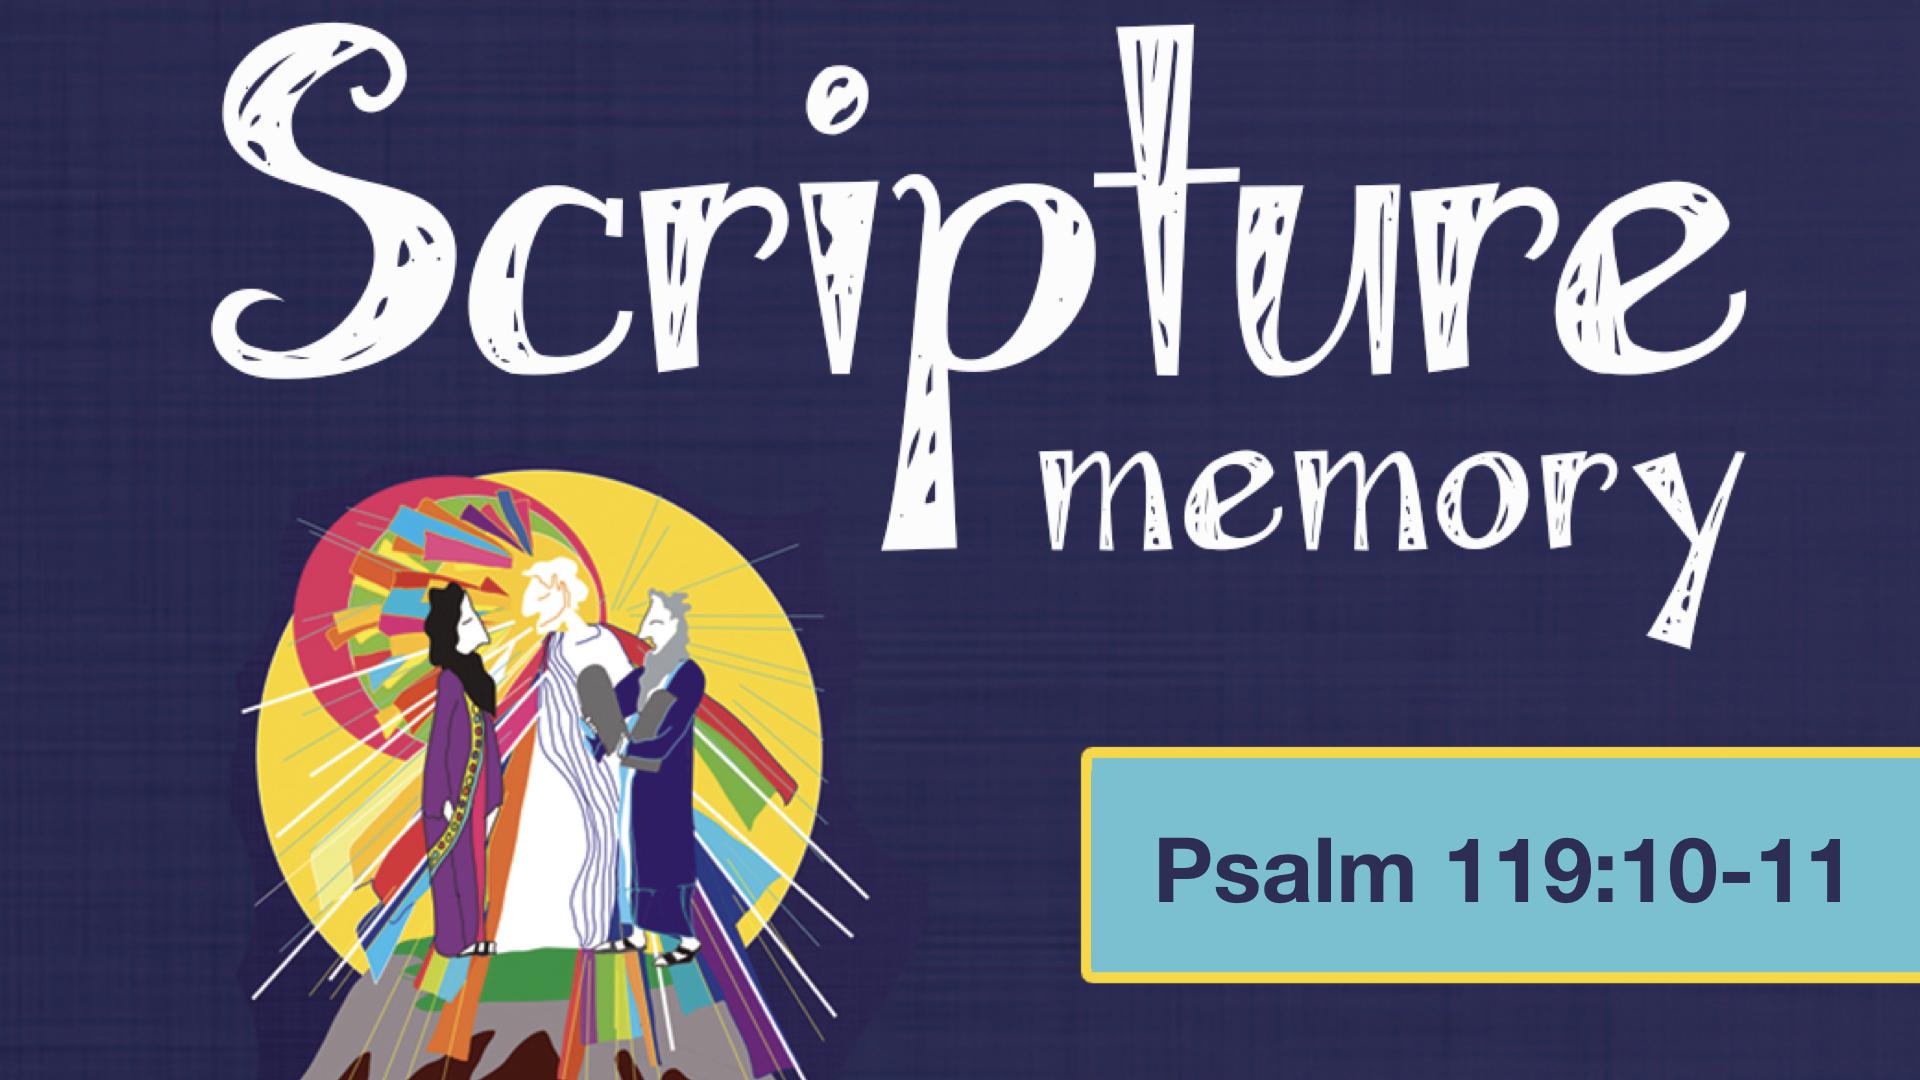 Scripture memory ad_feb19.001.jpeg